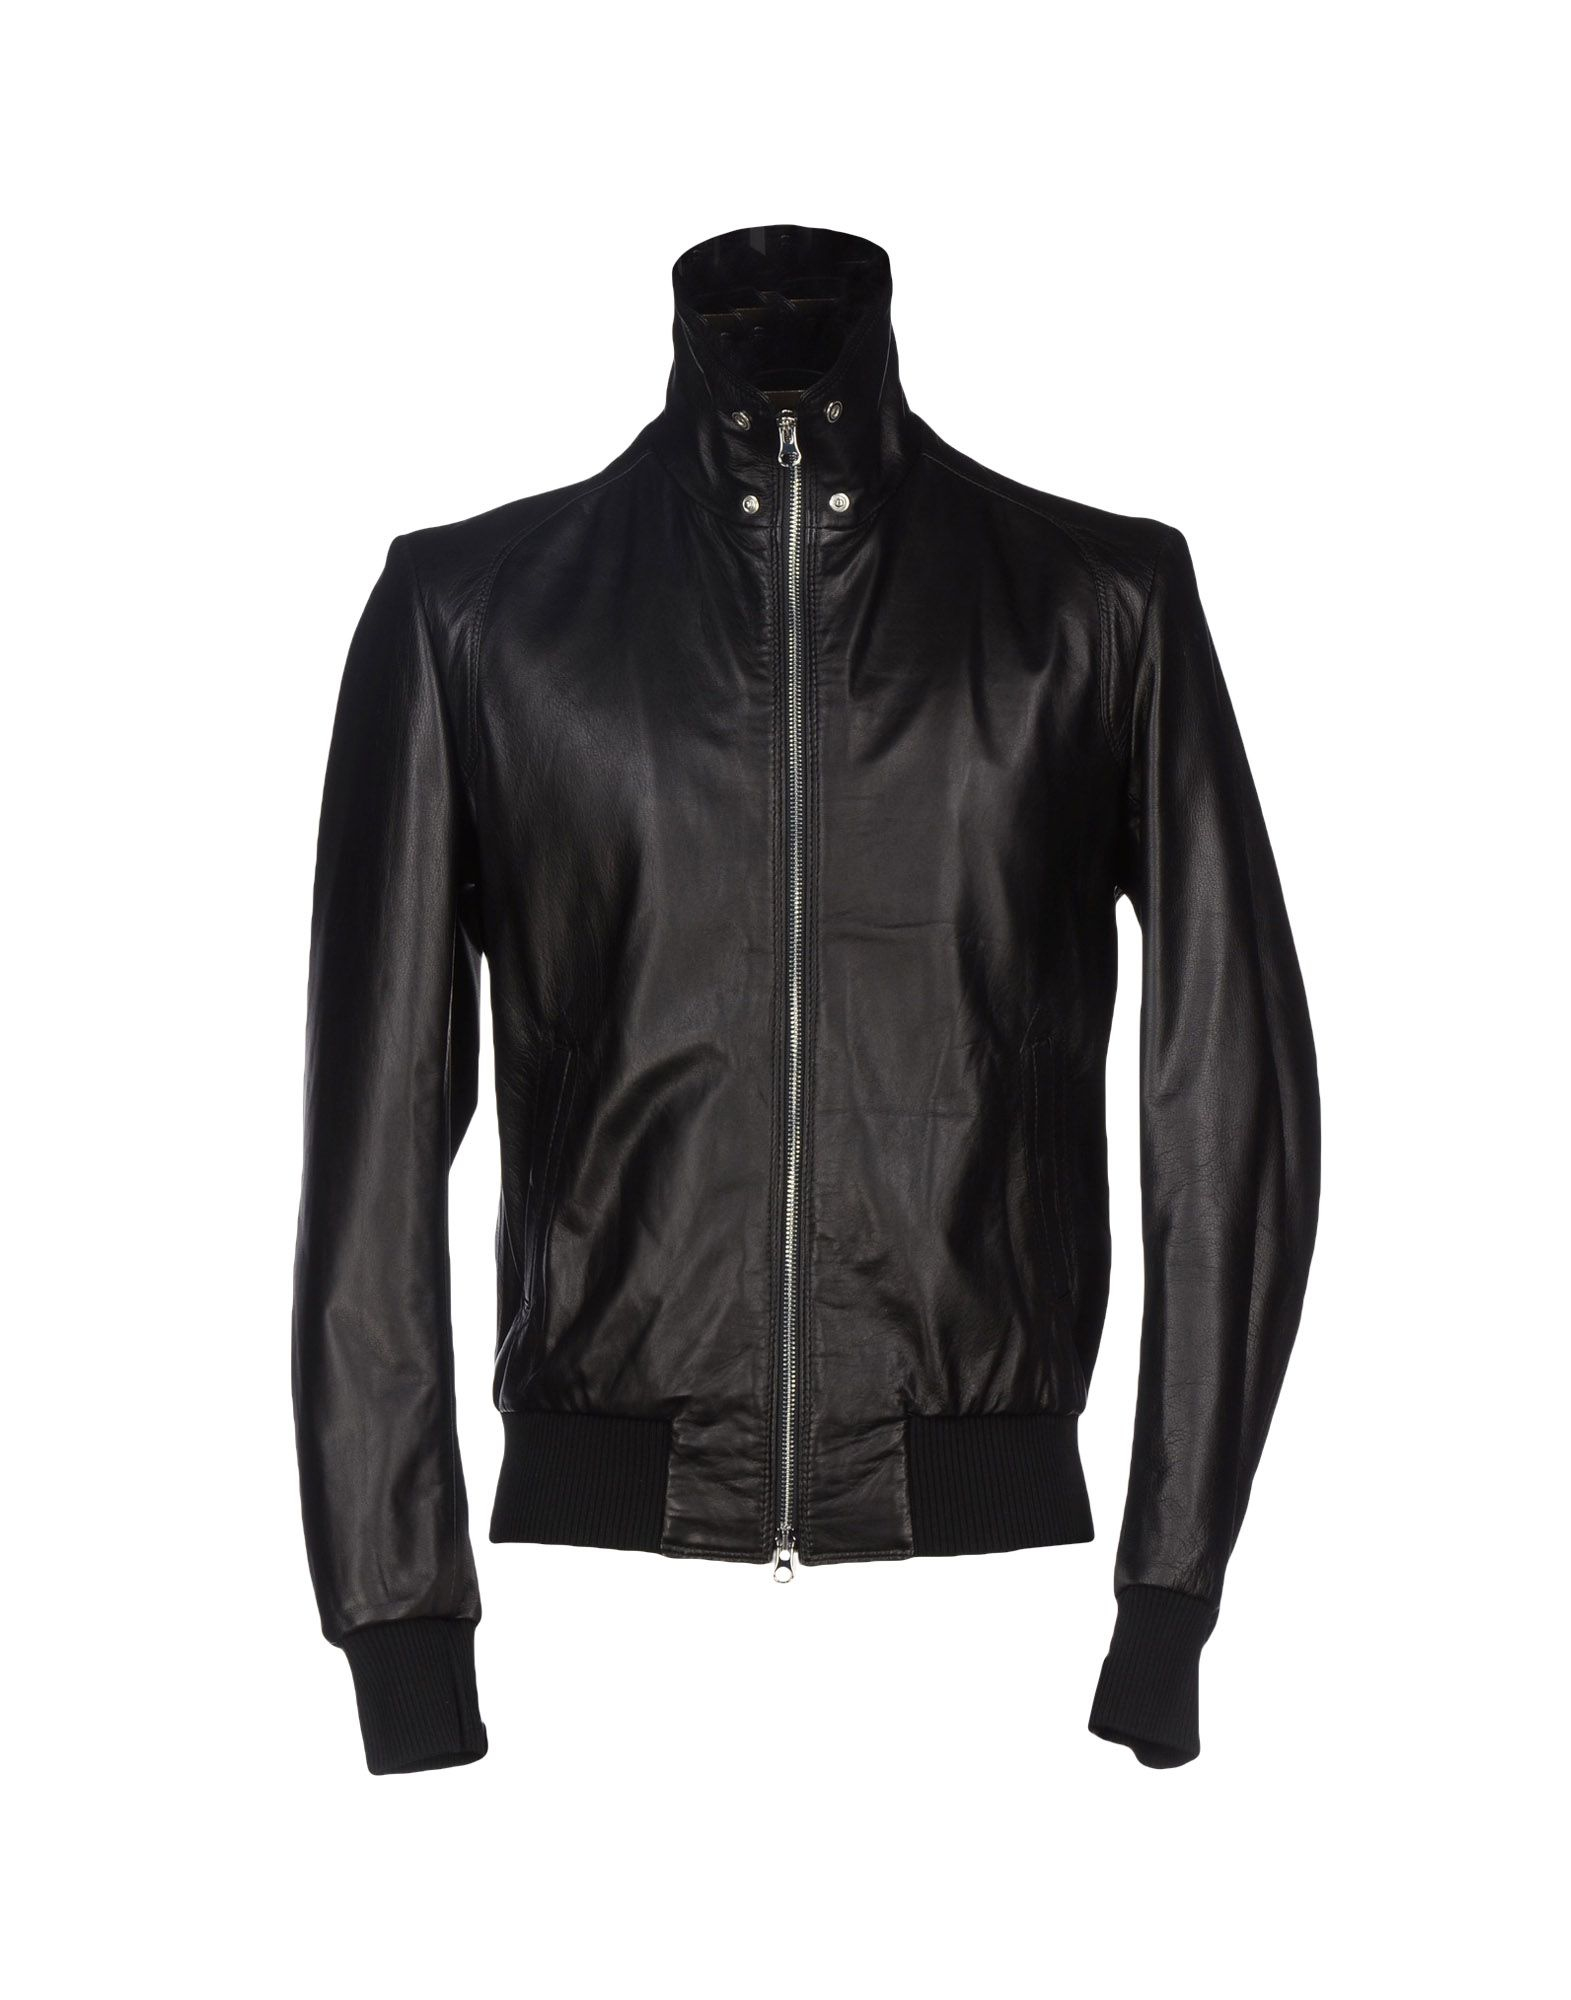 Vintage de luxe Jacket in Black for Men